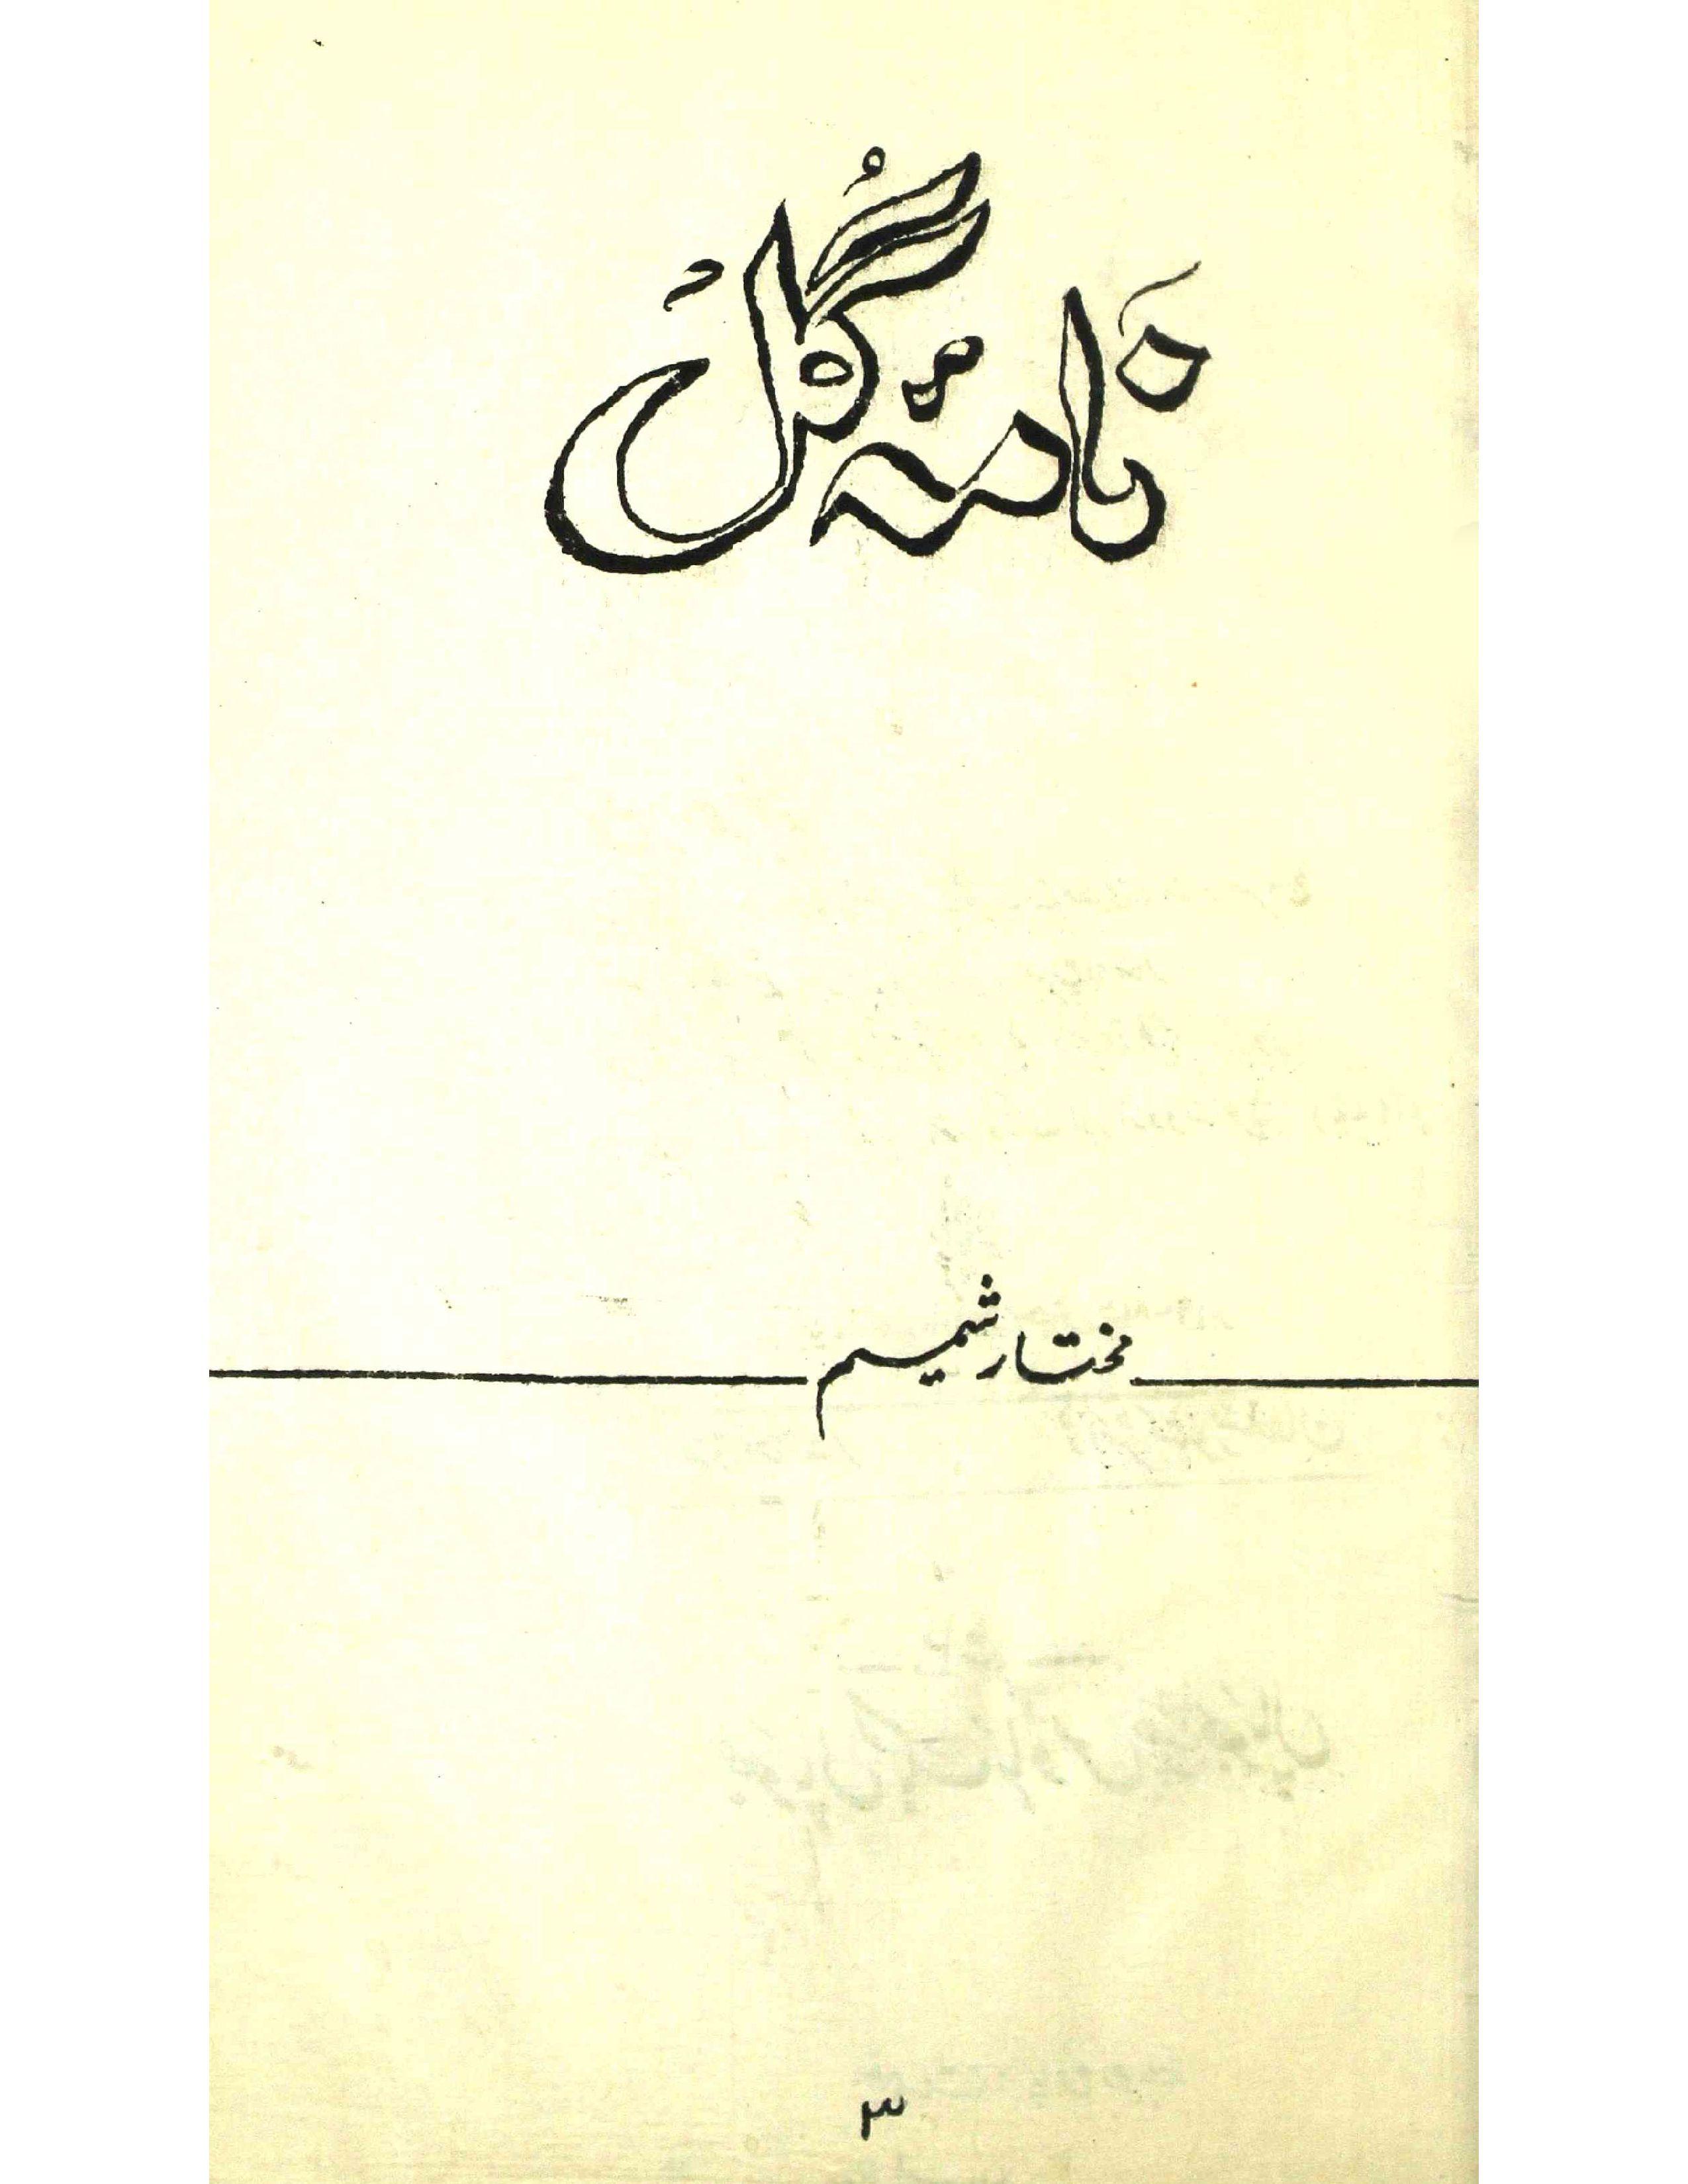 Nama-e-Gul